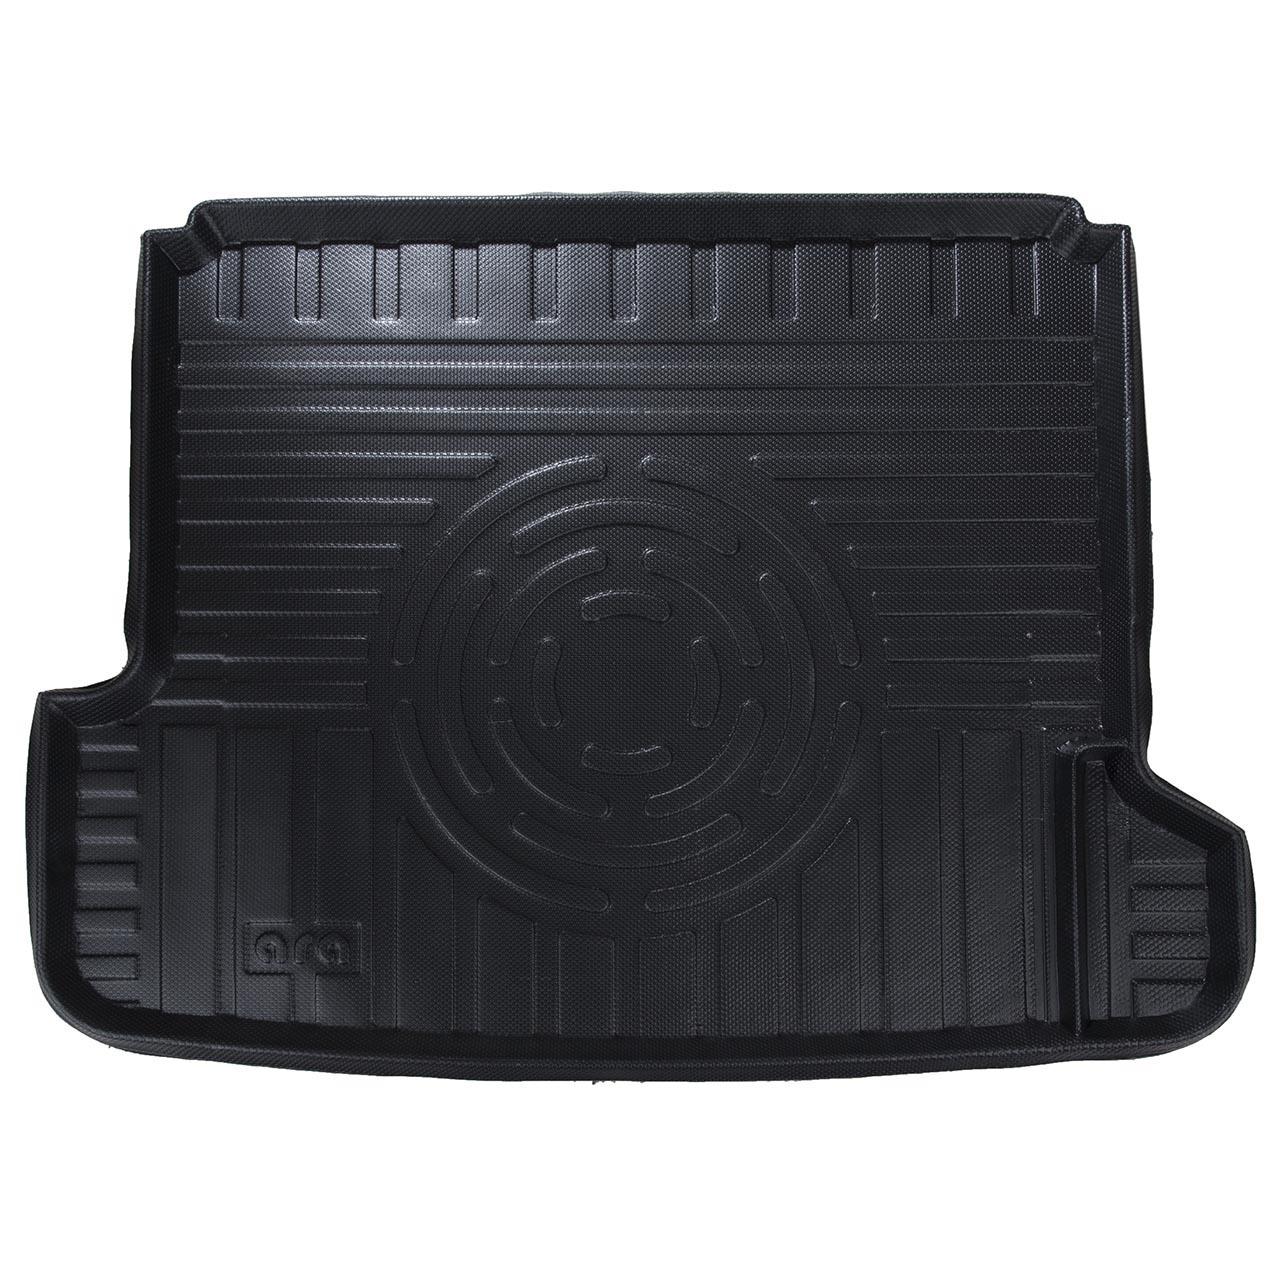 کفپوش سه بعدی صندوق خودرو آرا مدل اطلس مناسب برای پژو 405 (مشکی)